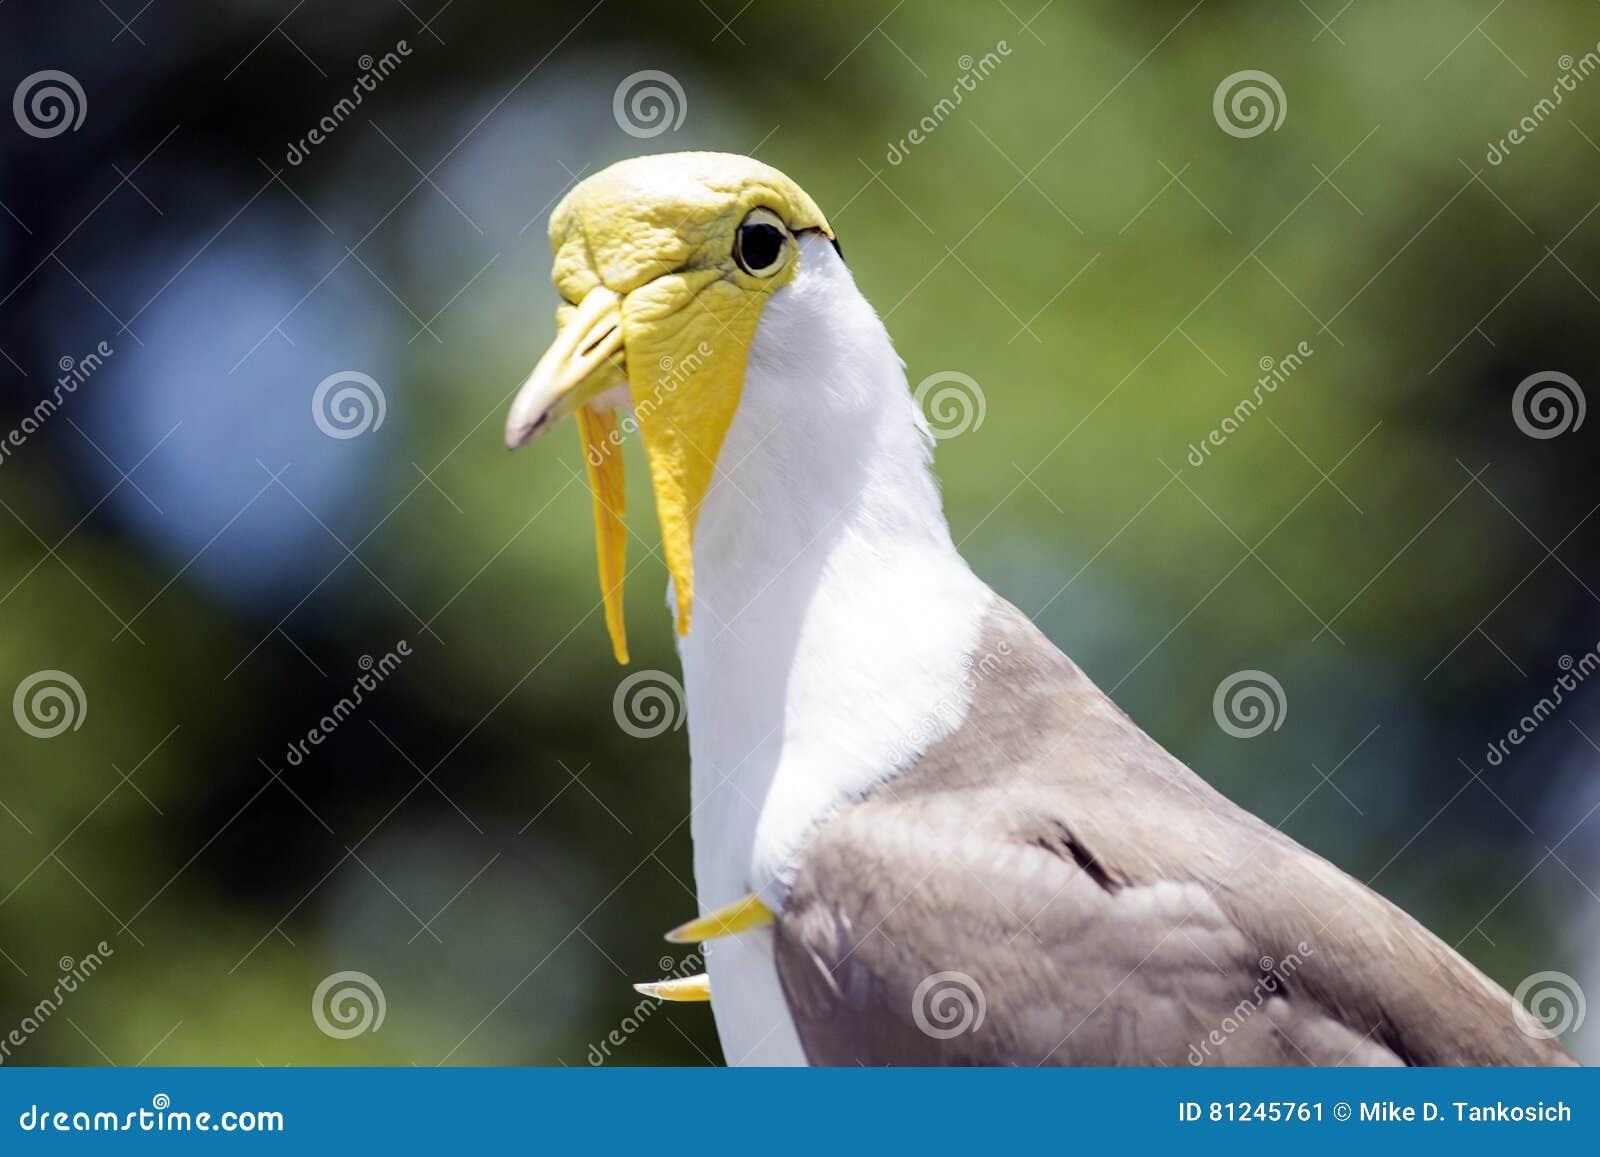 yellow head masked lapwing bird left stock image image of large